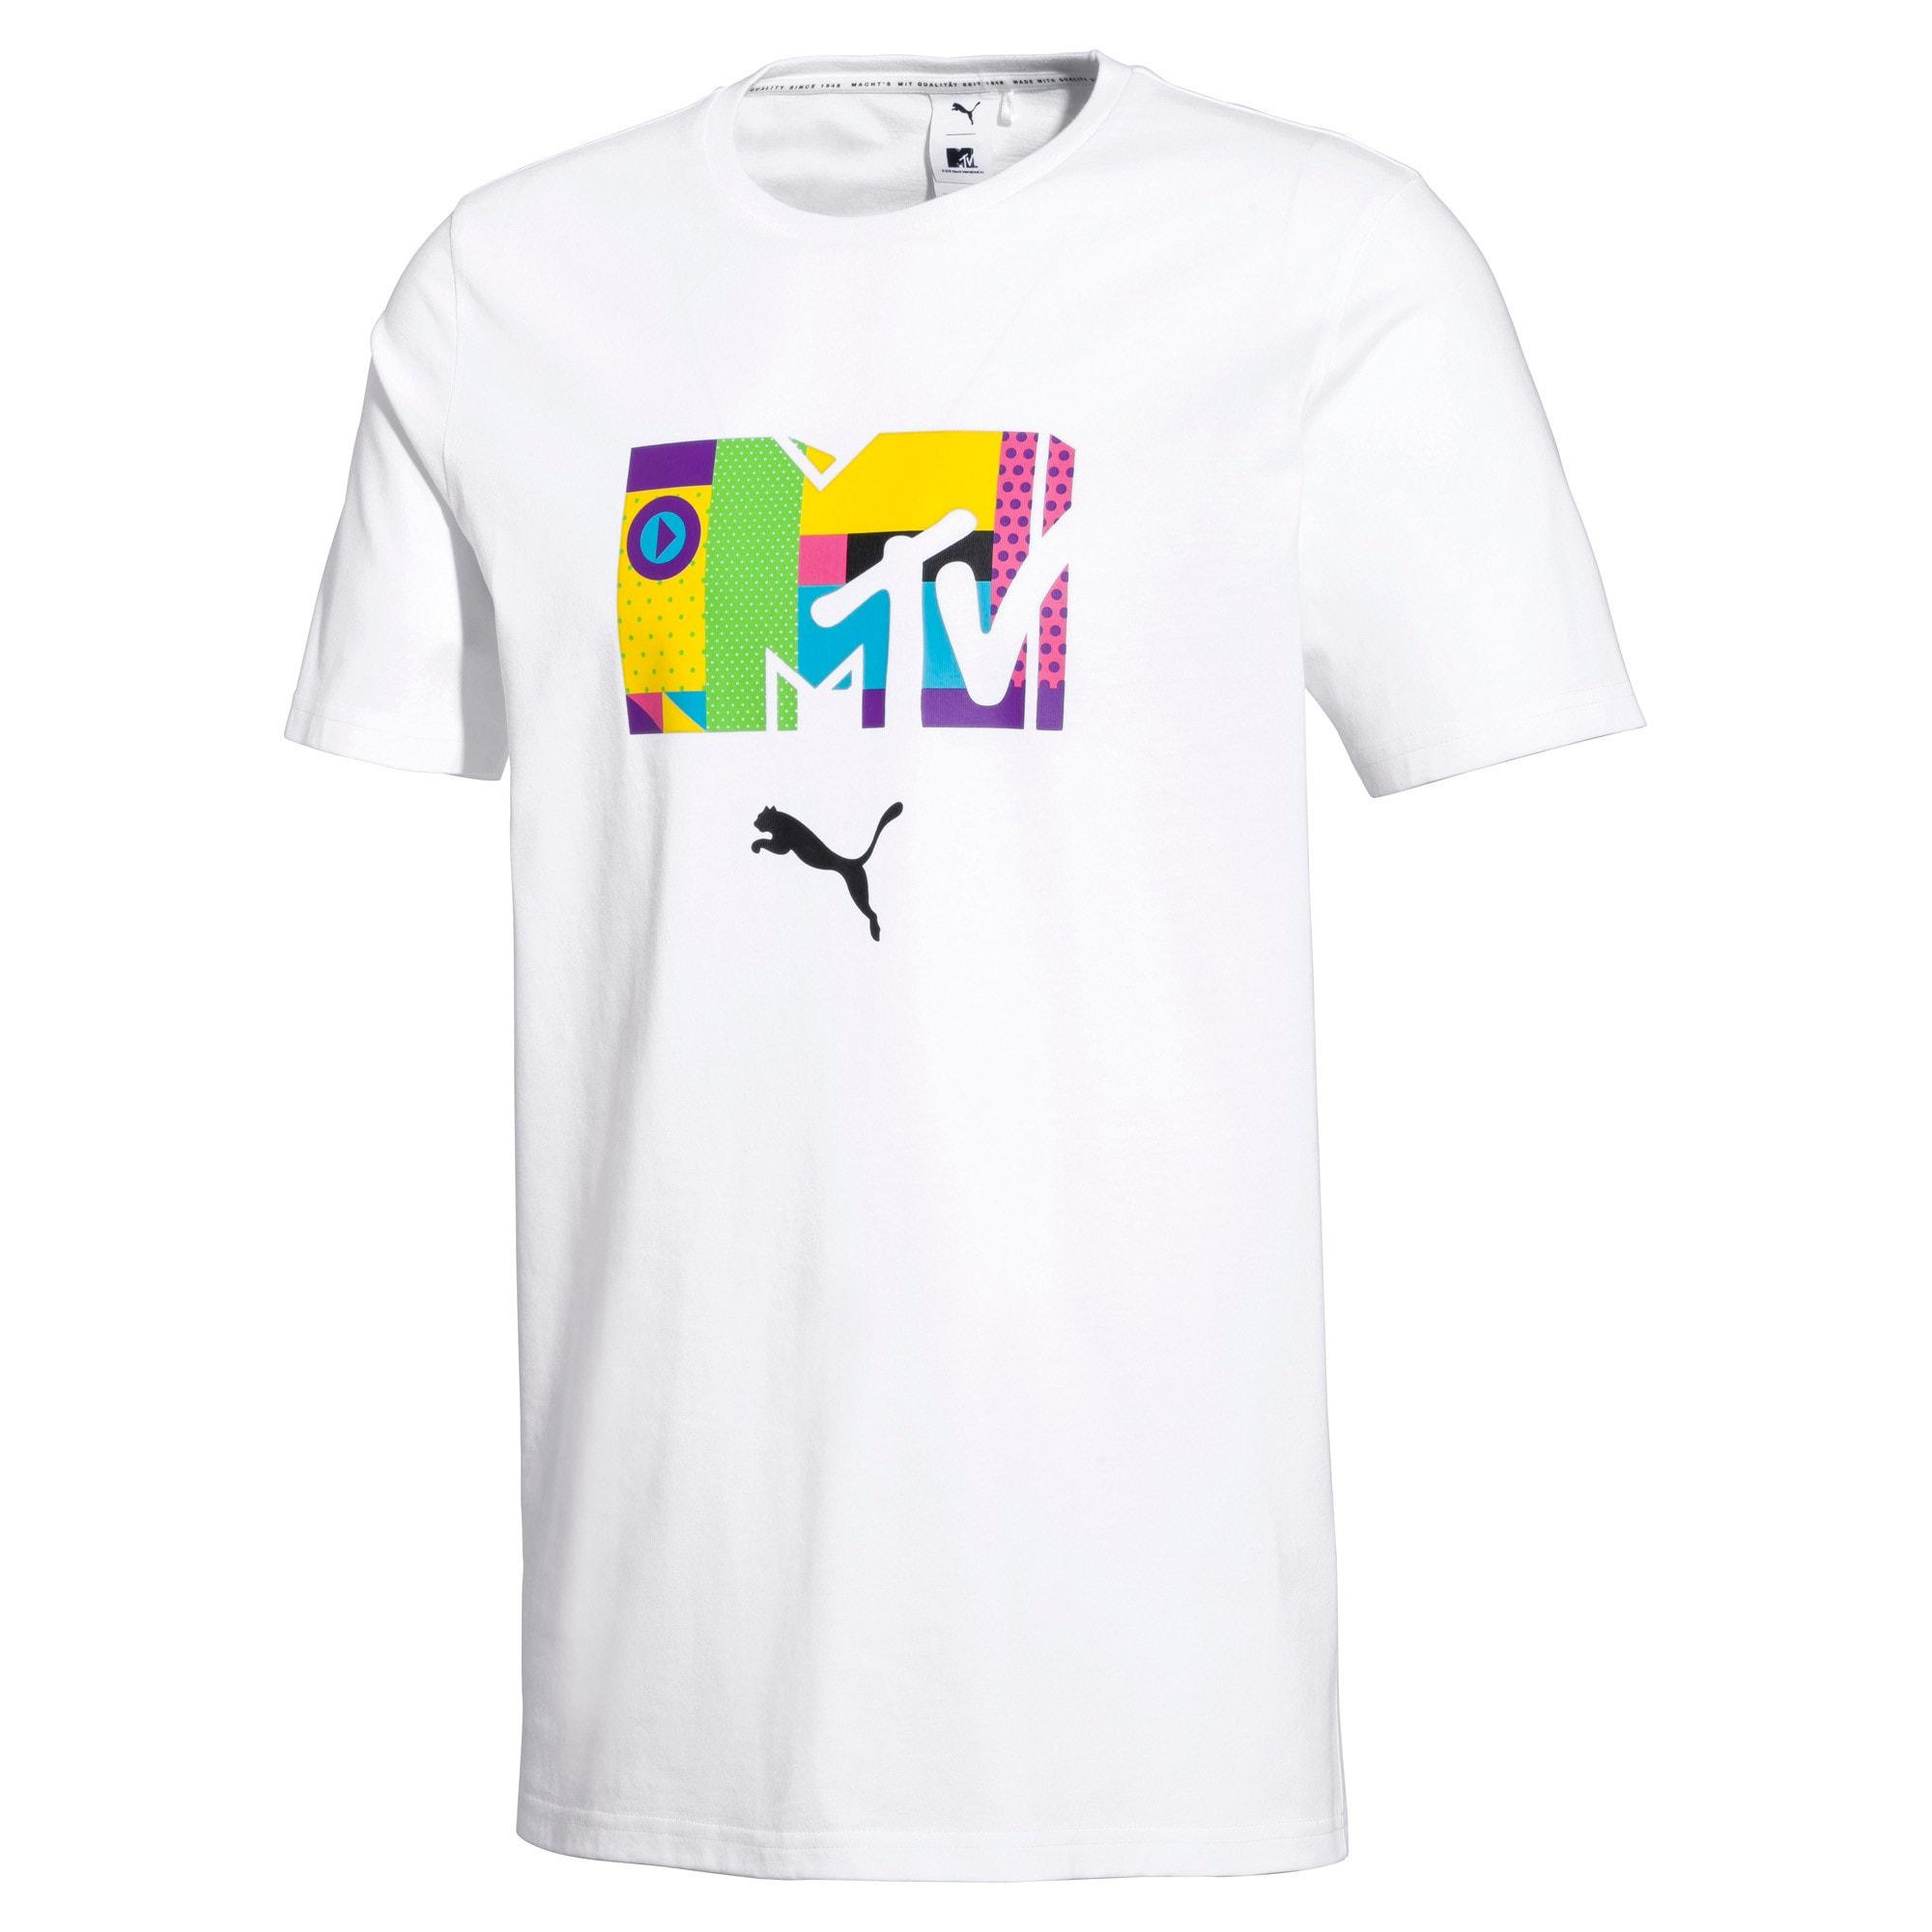 Miniatura 1 de Camiseta PUMA x MTV para hombre, Puma White, mediano